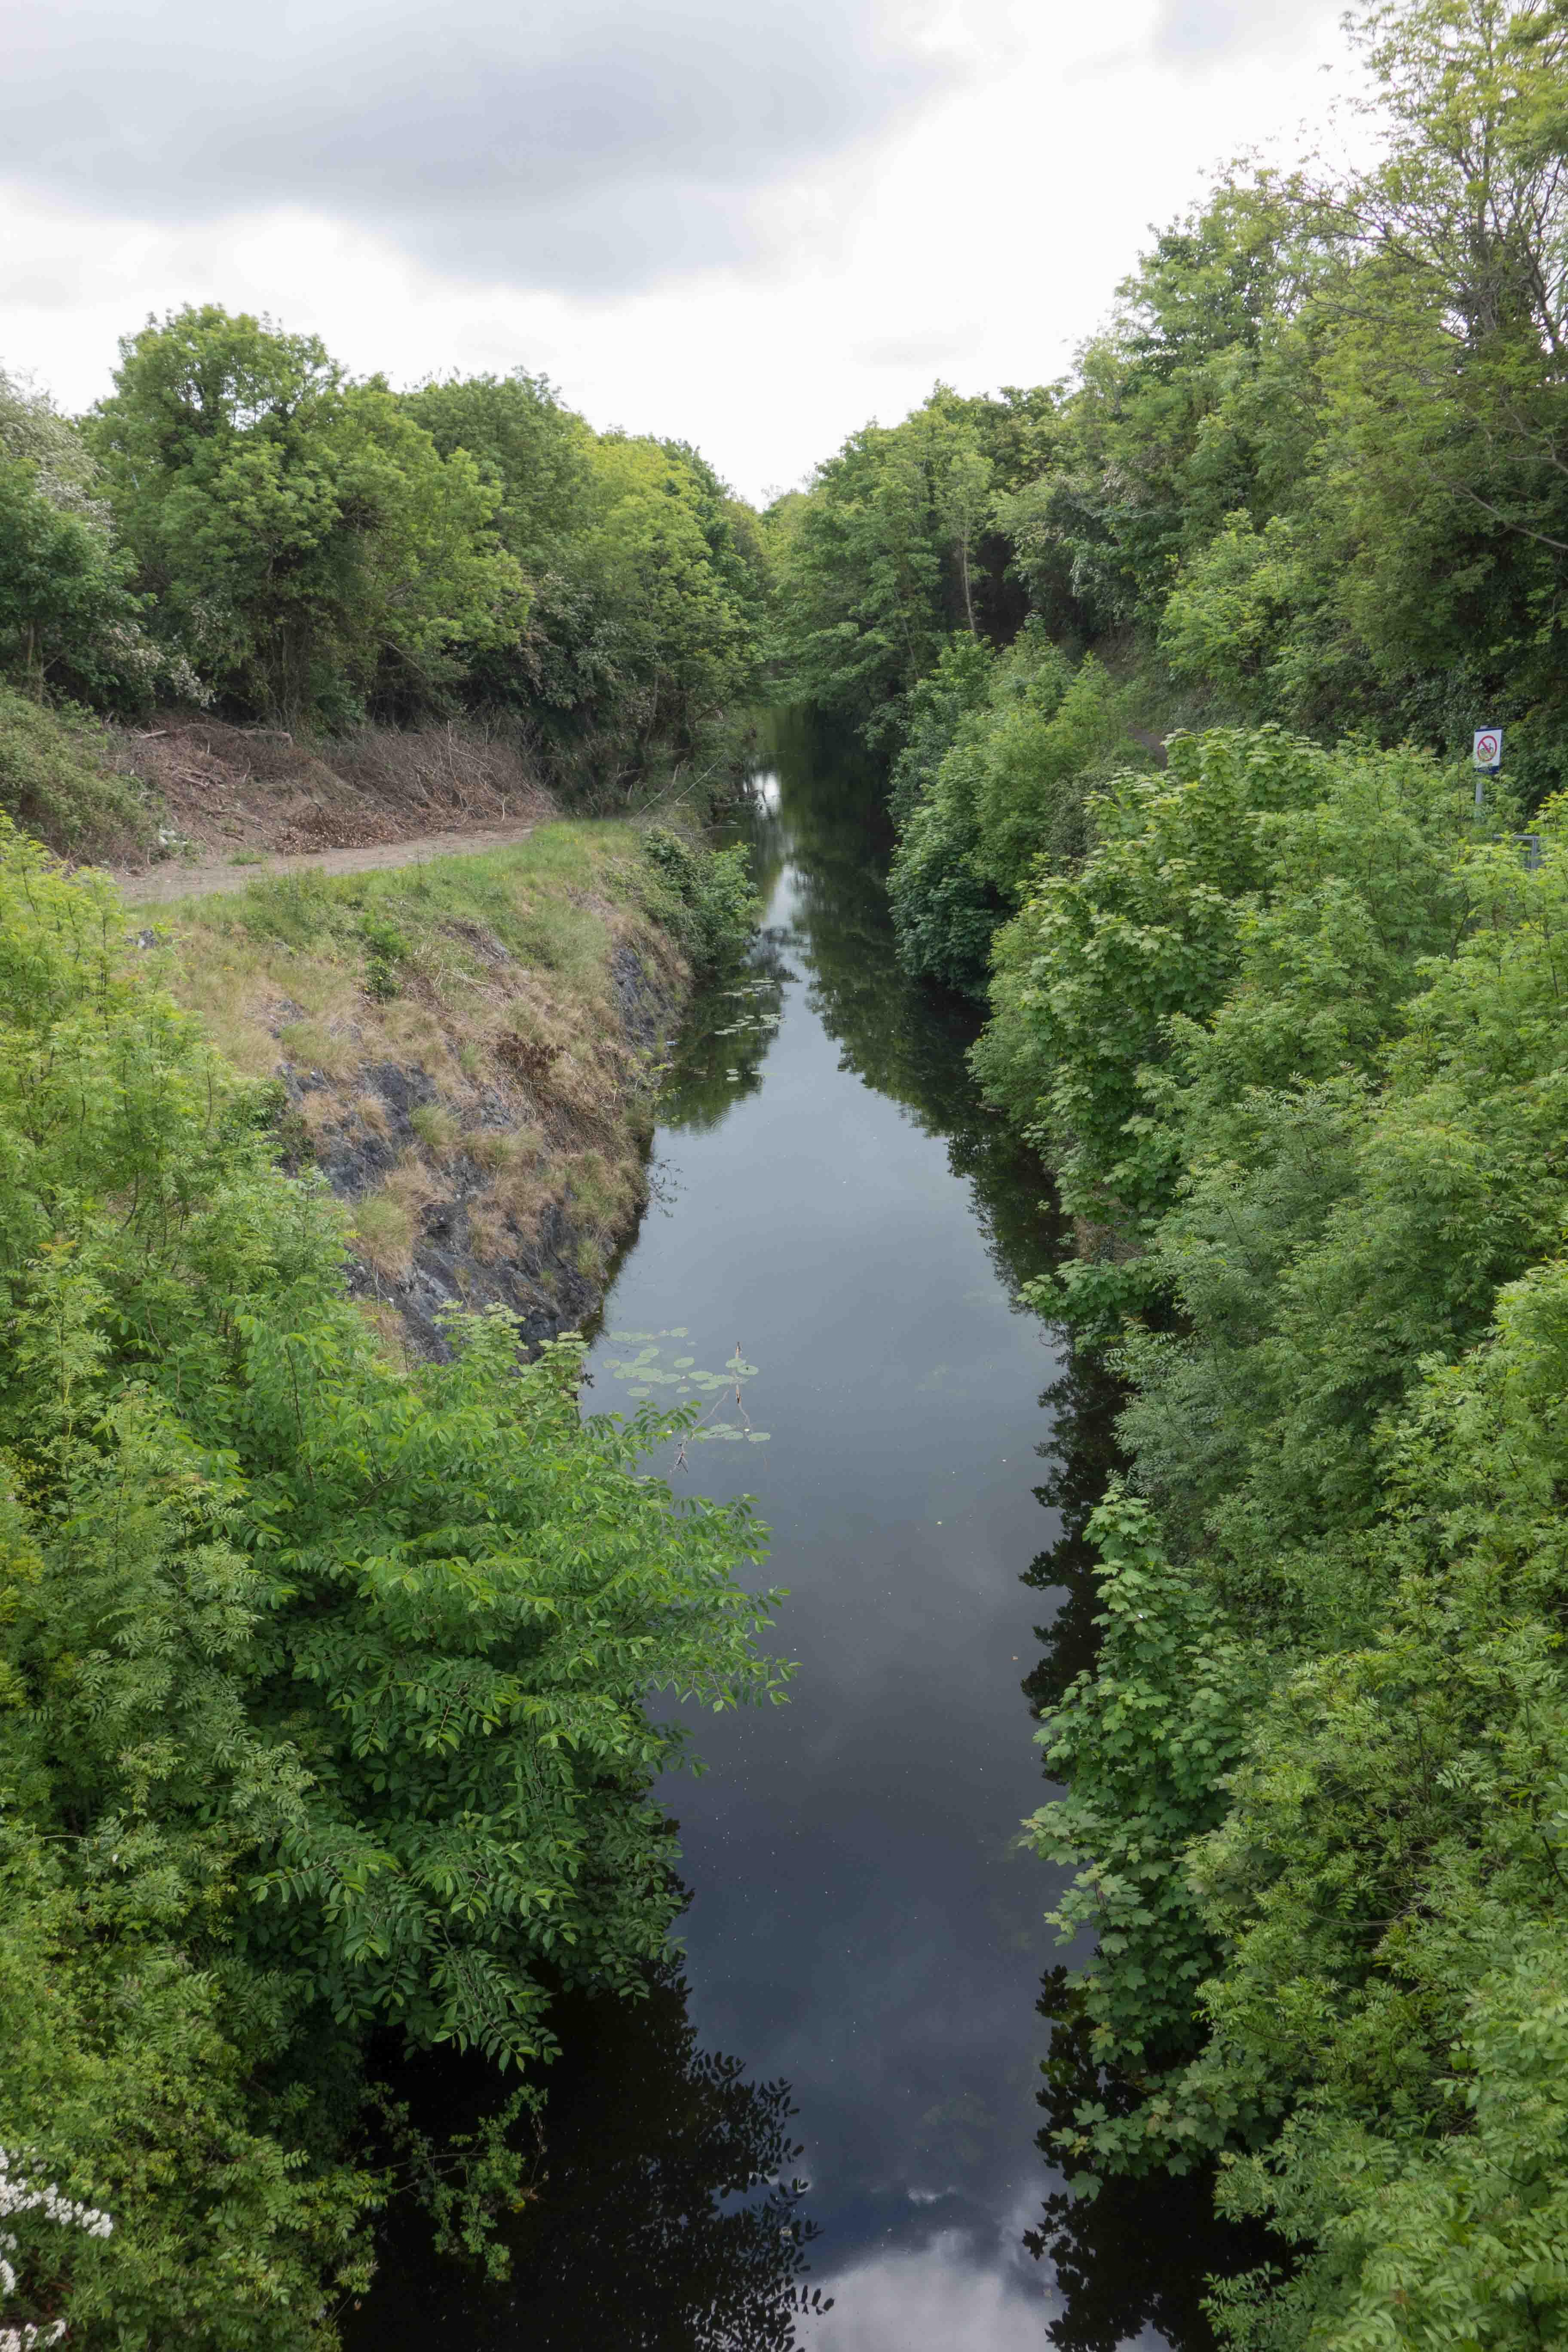 De Deep Sinking tussen Dublin en Maynooth. Het kanaal is hier door een heuvelrug van kalksteen gegraven. Het is een smalle en gevaarlijke passage. Op 25 november  1845 stootte de trekschuit naar Longford op een rotsblok. Het schip kapseisde en 16 passagiers verdronken. Foto auteur.